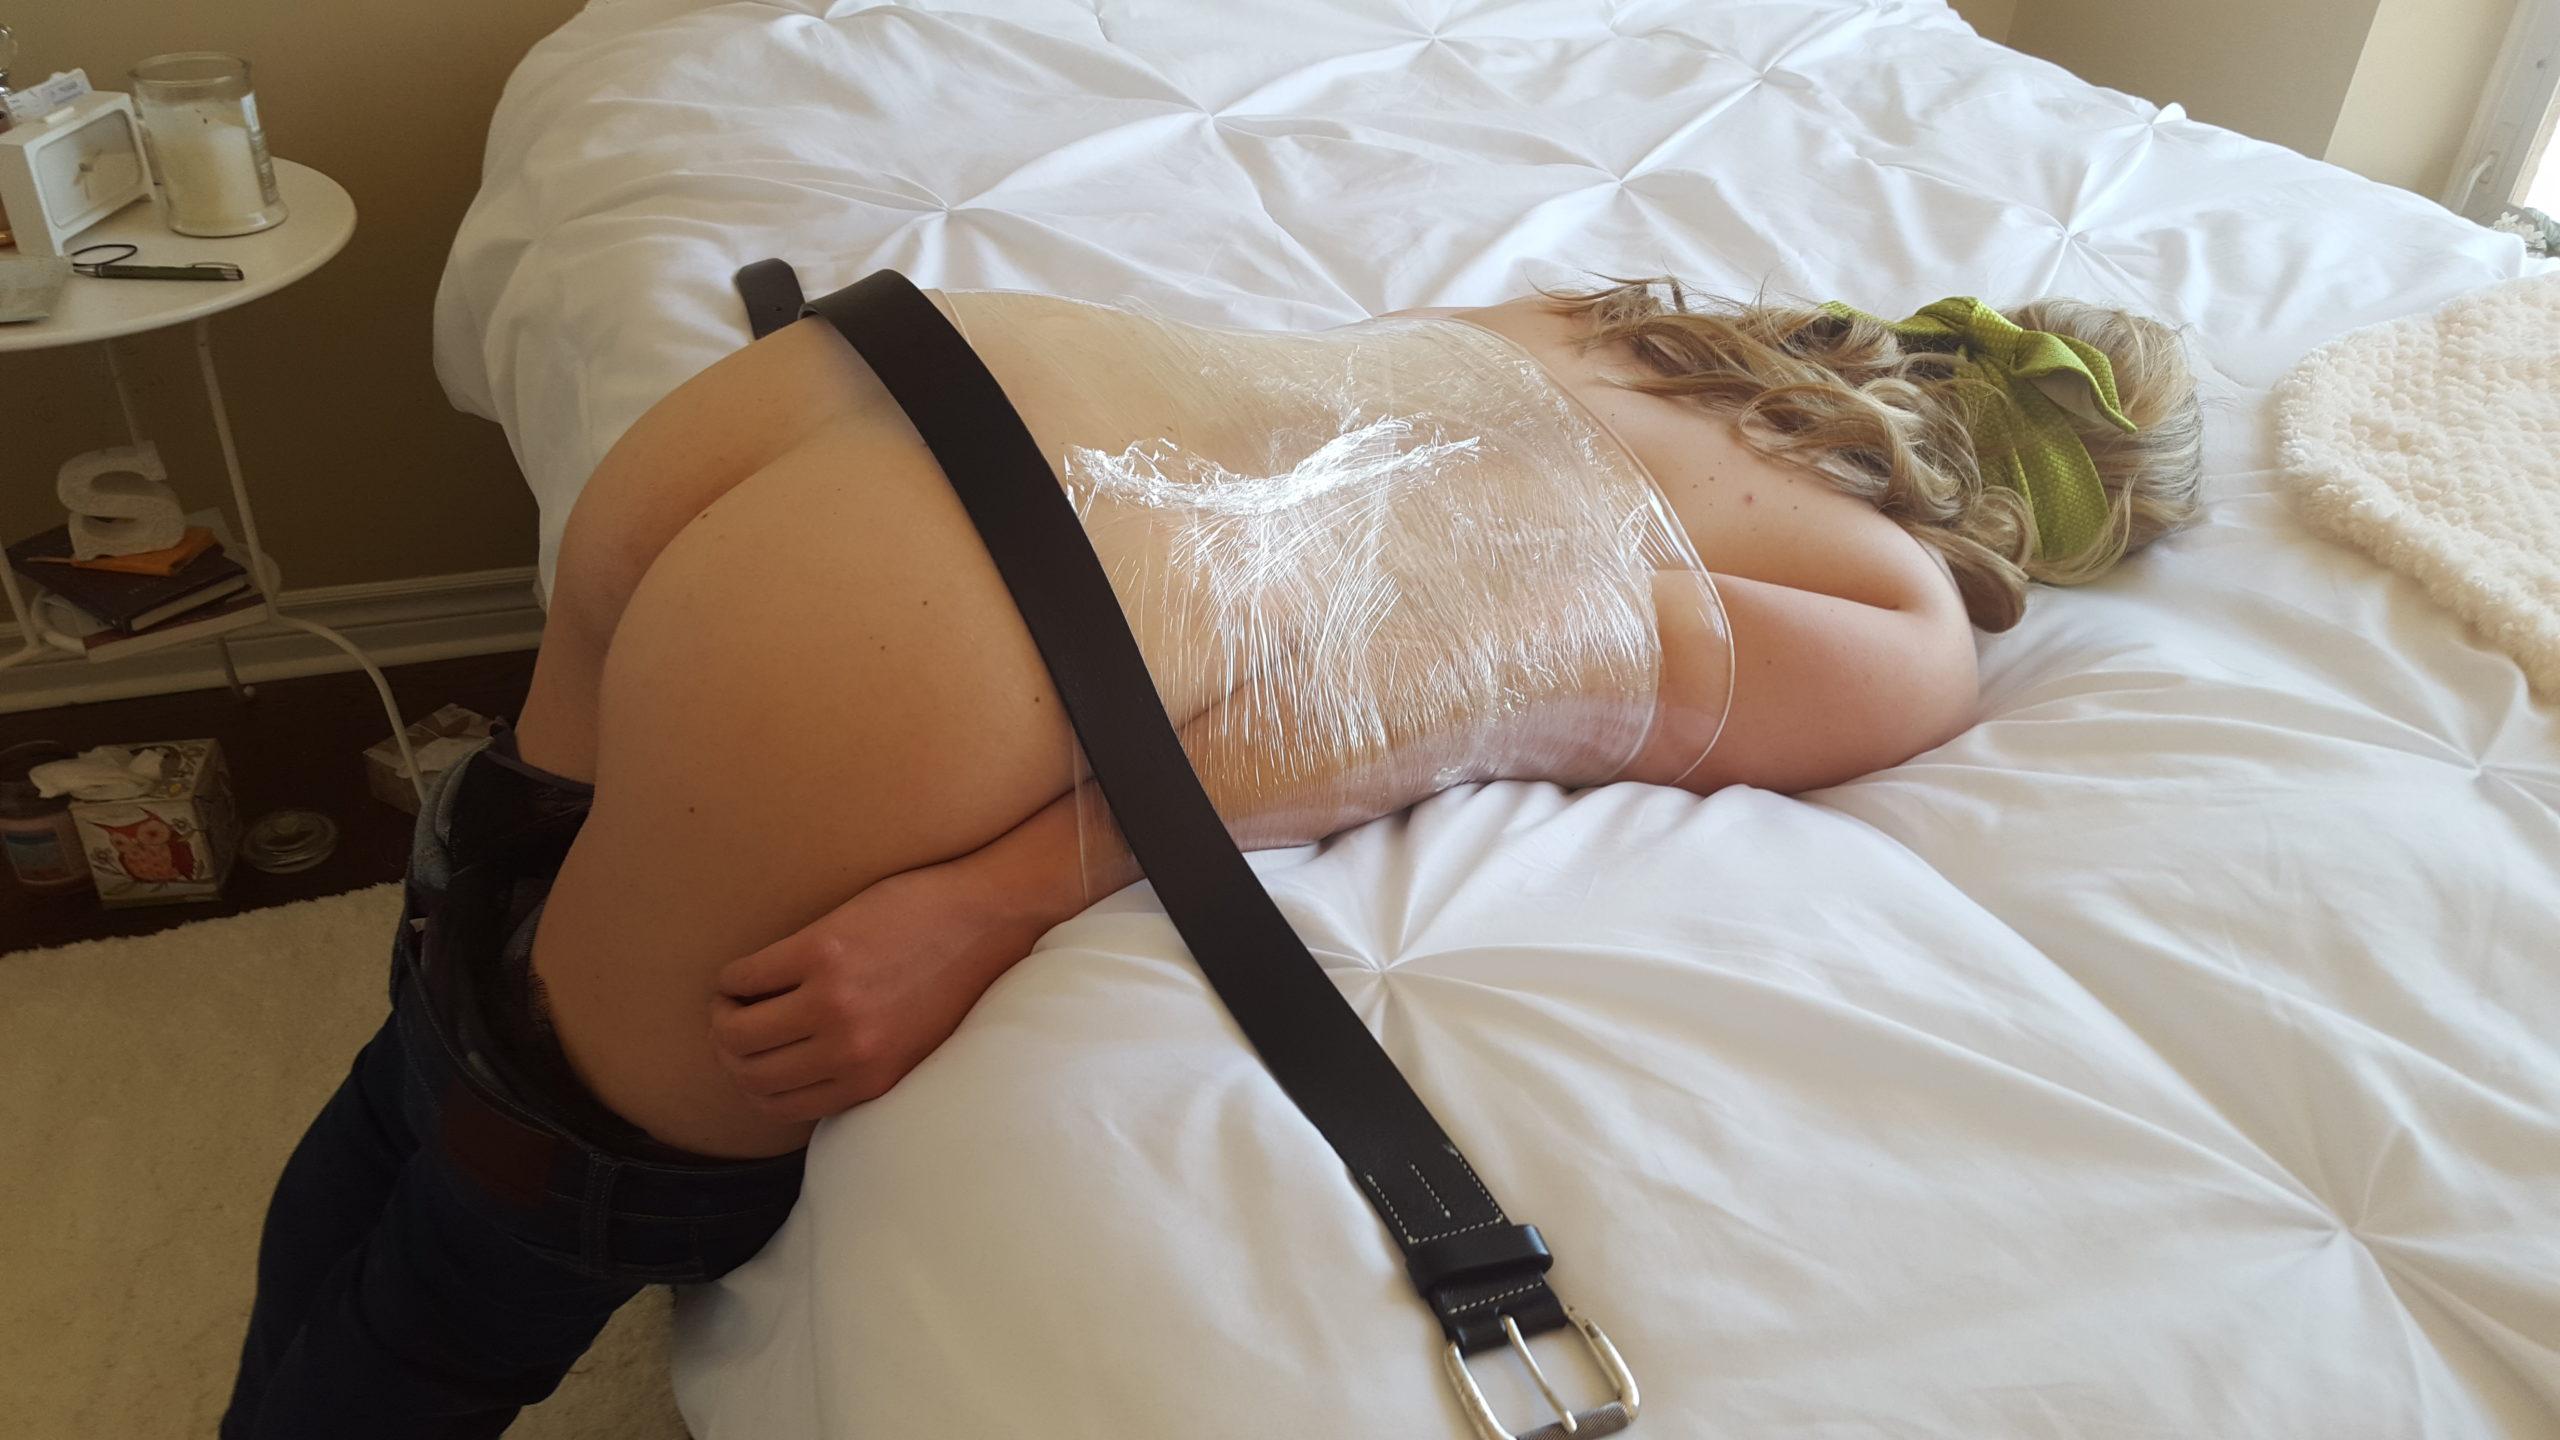 Mon épouse offerte, à prendre à la chaine à l'hôtel (+ dressage à la ceinture)